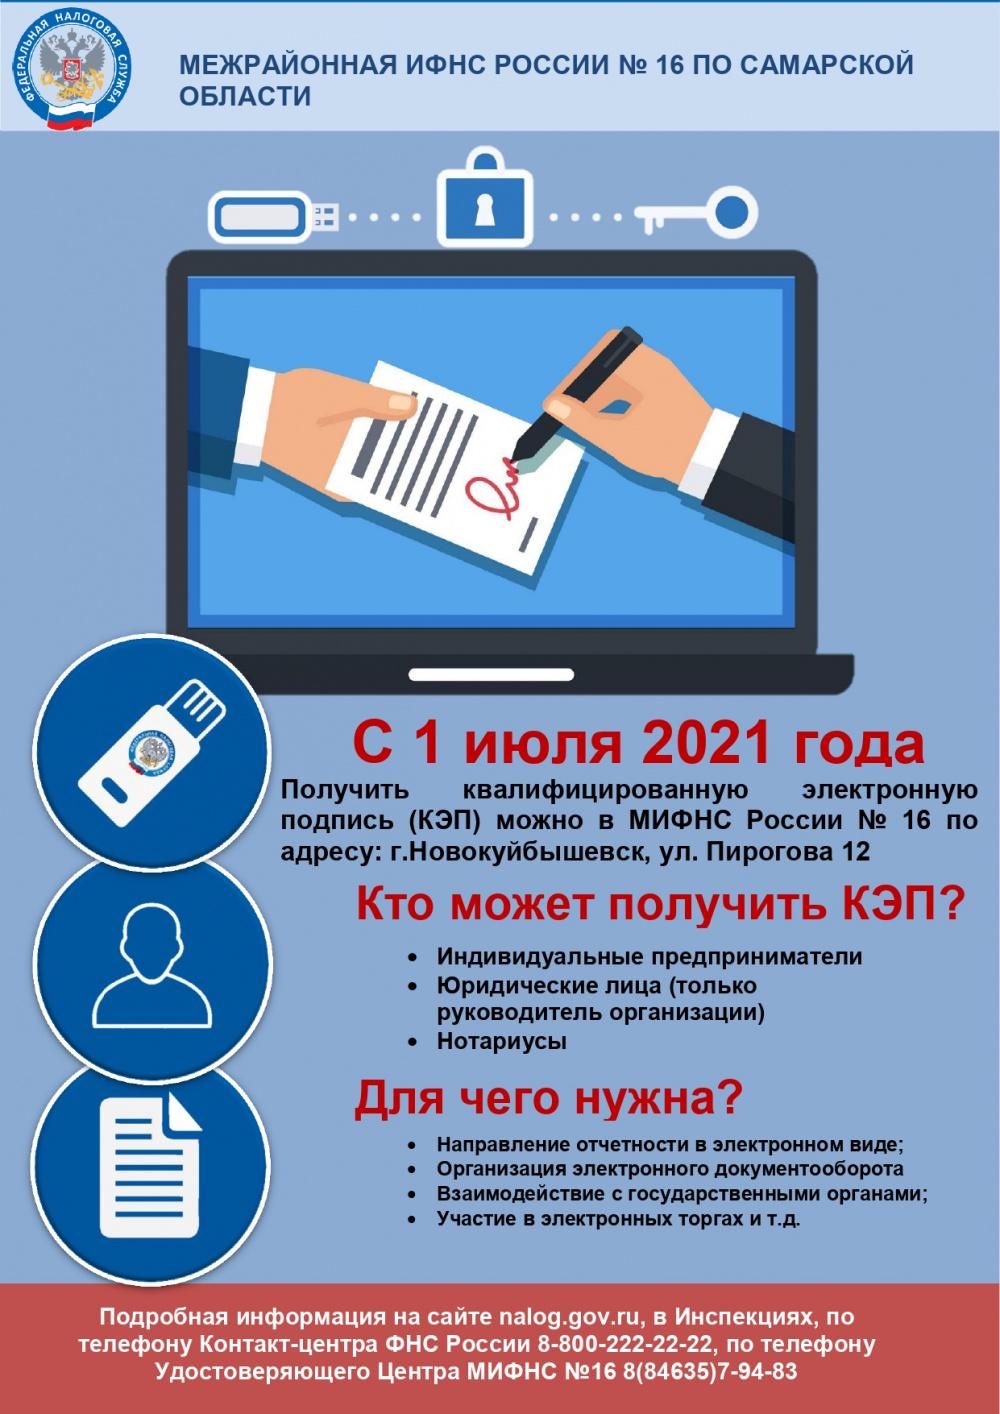 Получение квалифицированной электронной подписи